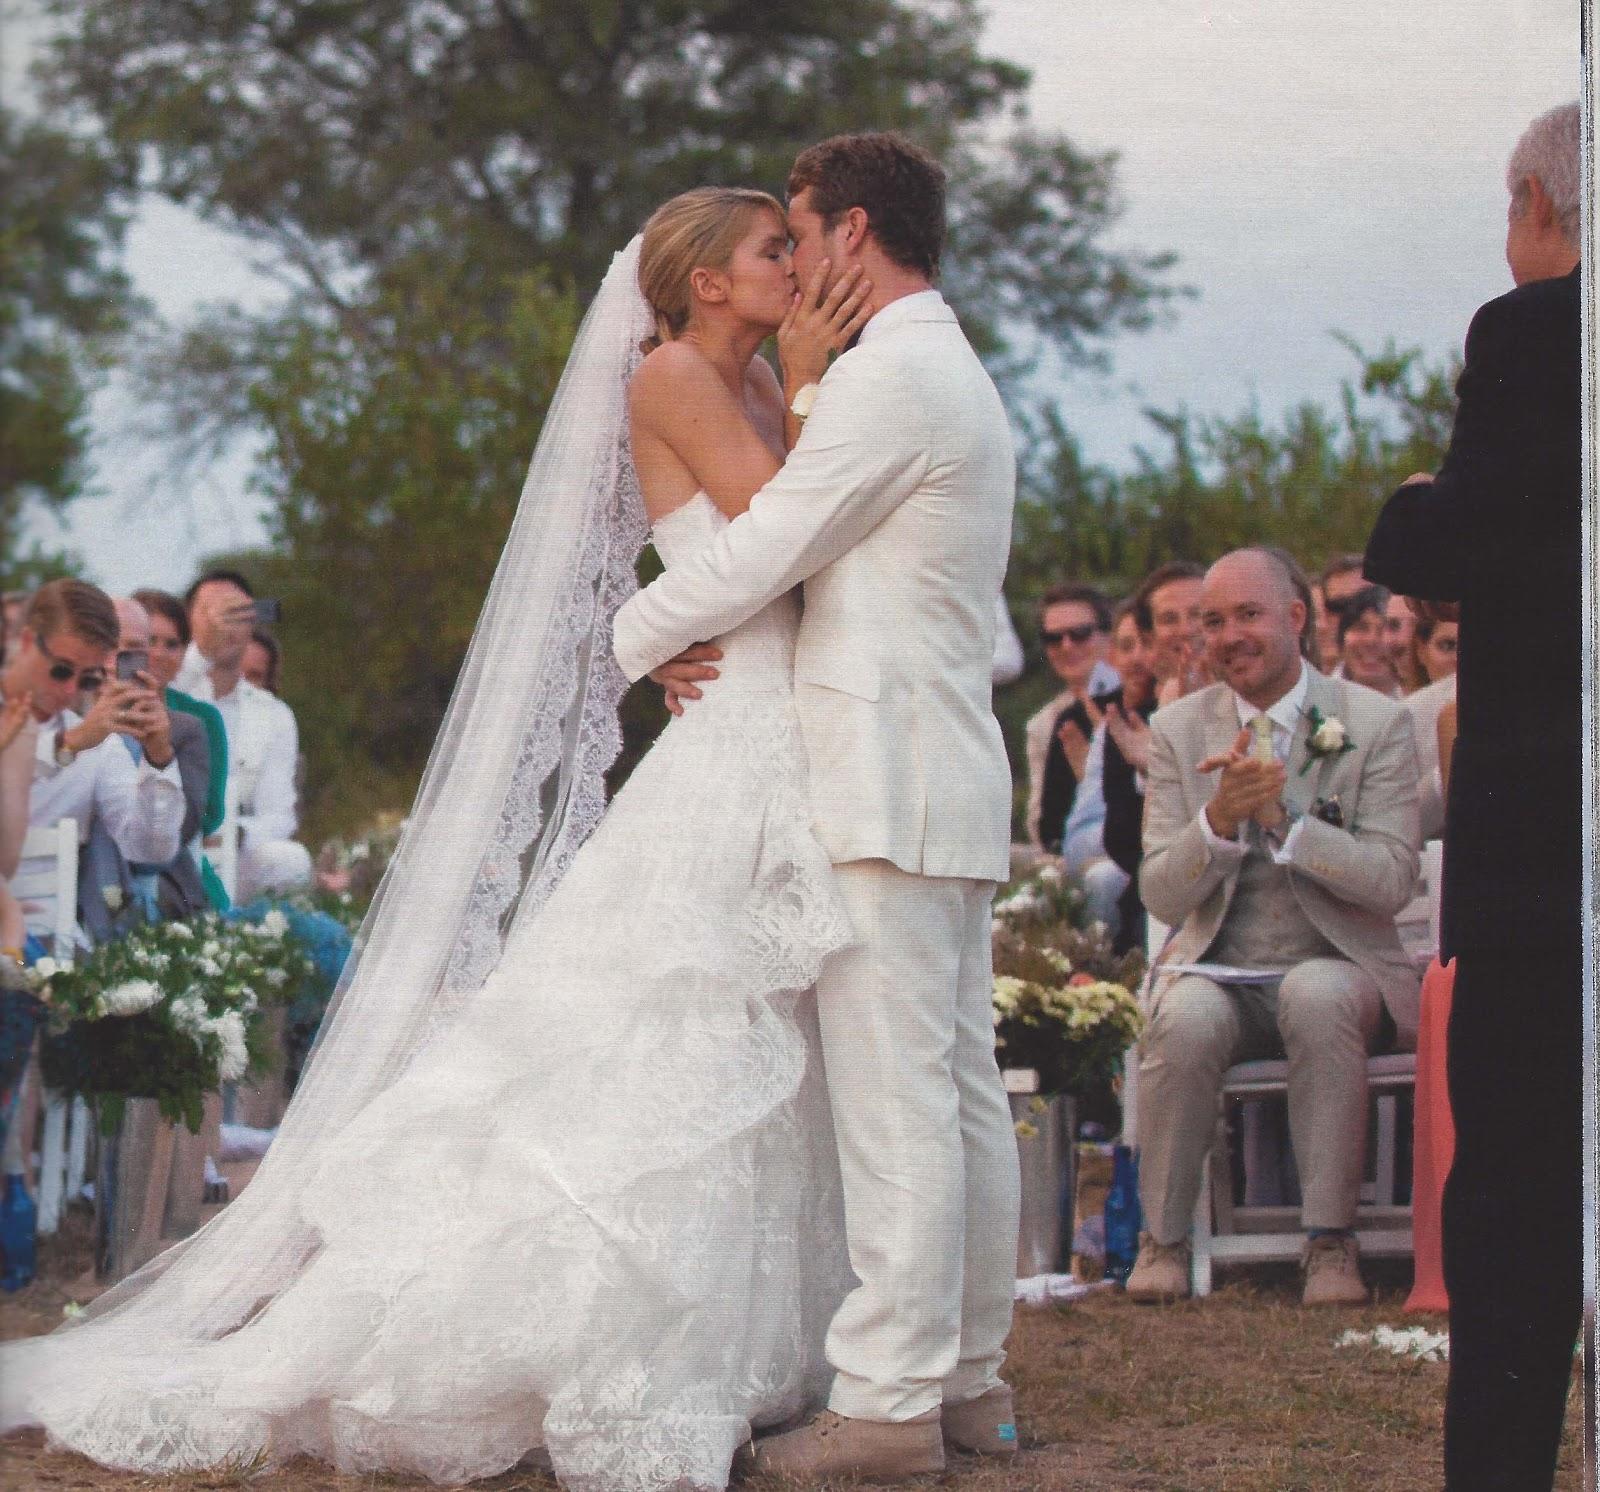 My Eden Sam Branson Weds Isabella Calthorpe